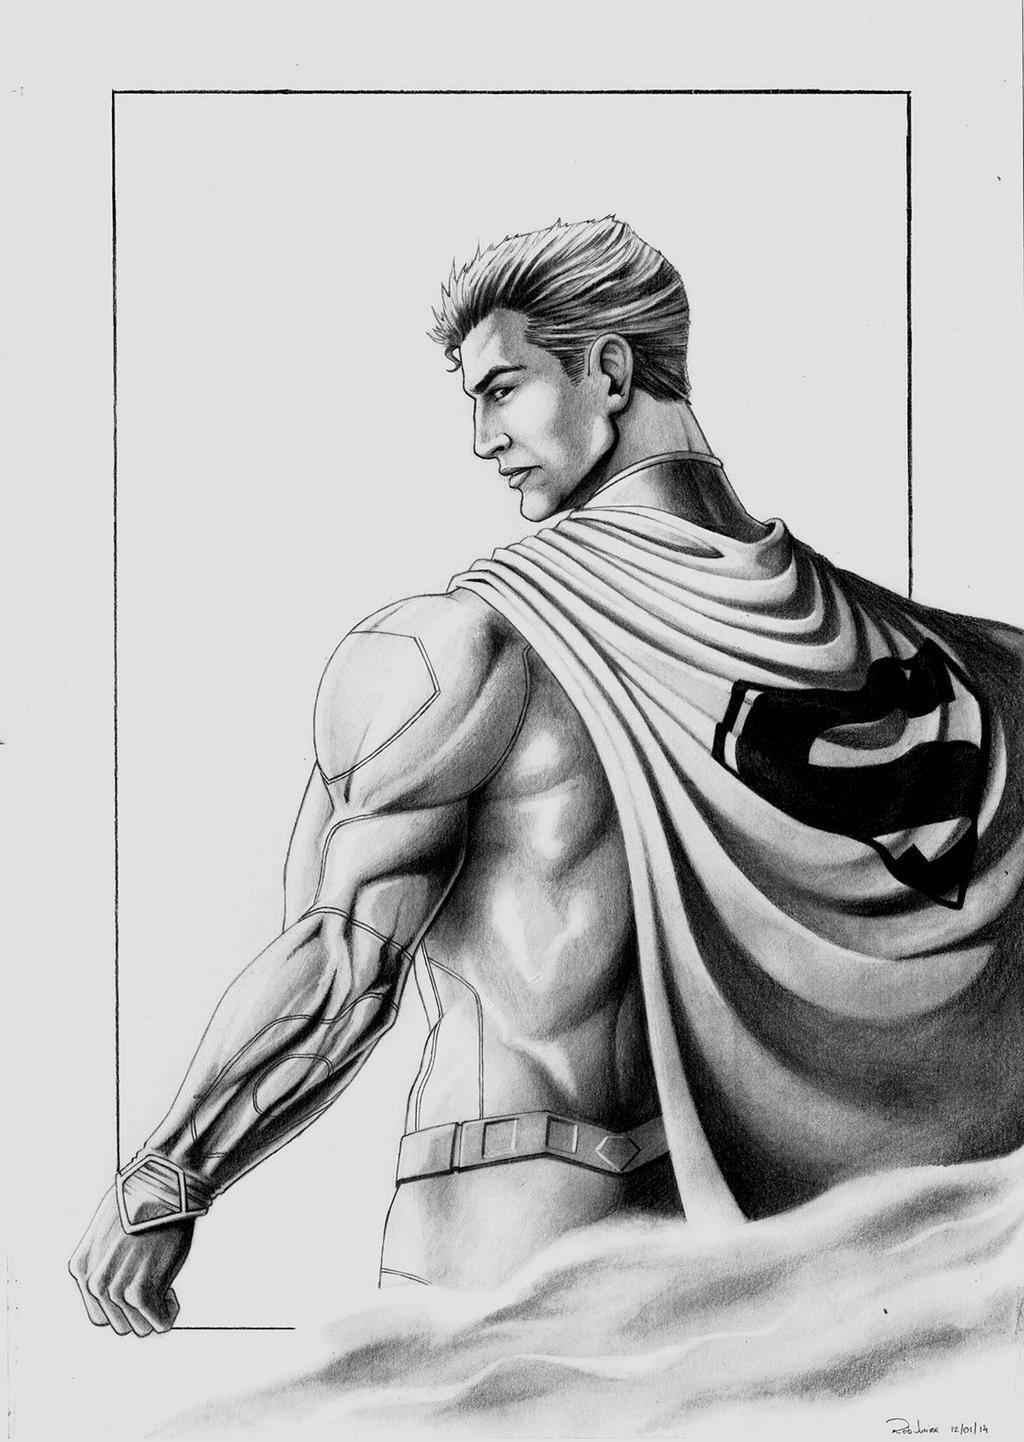 Superman - pencil by N...